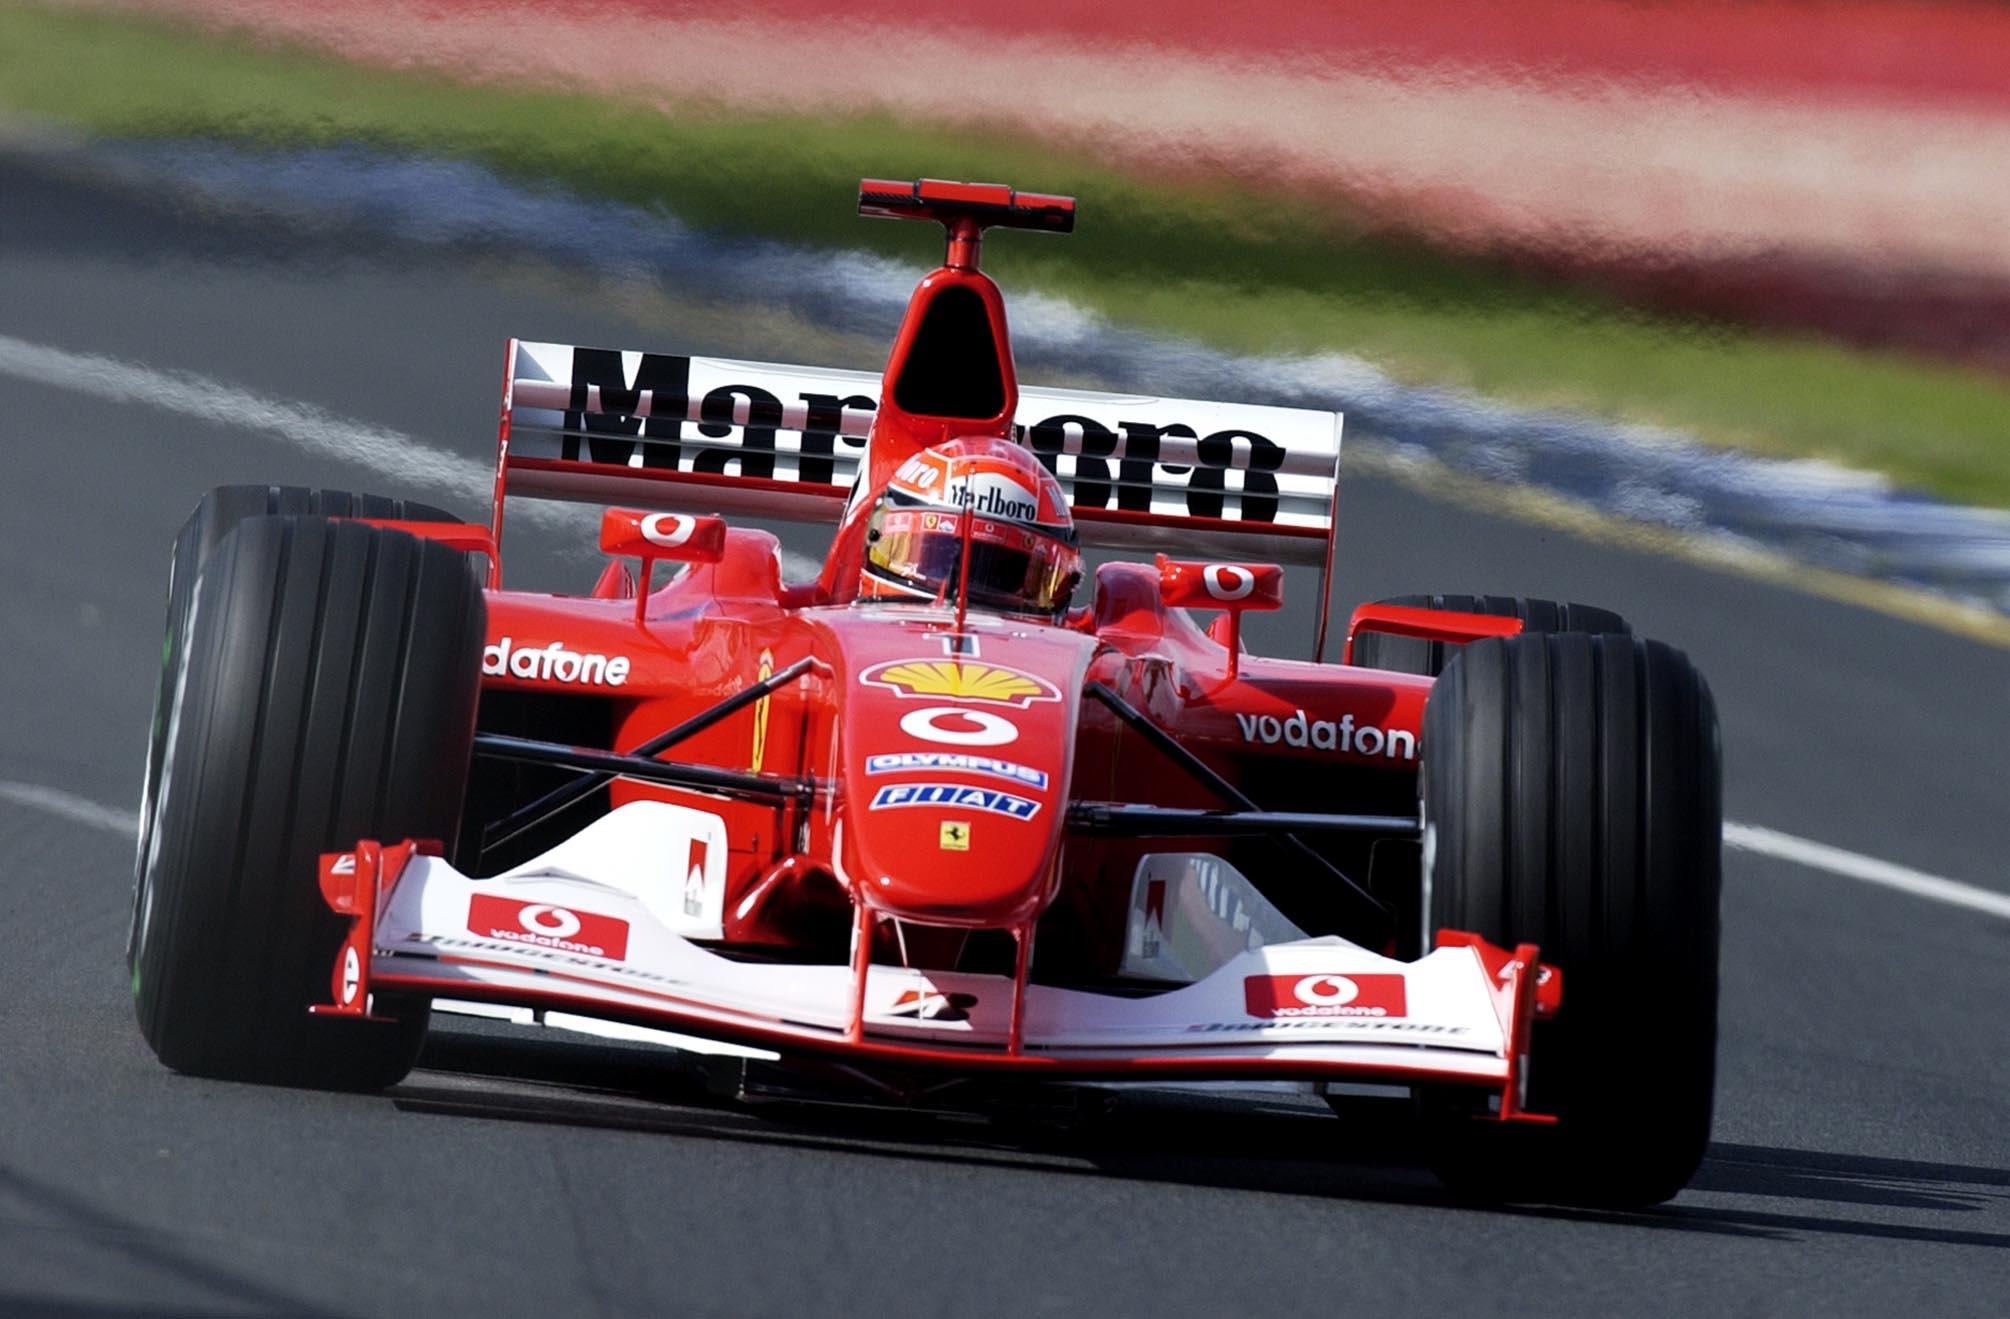 Szóljon hát a Ferrari V10-es motorja: A hideg kiráz tőle